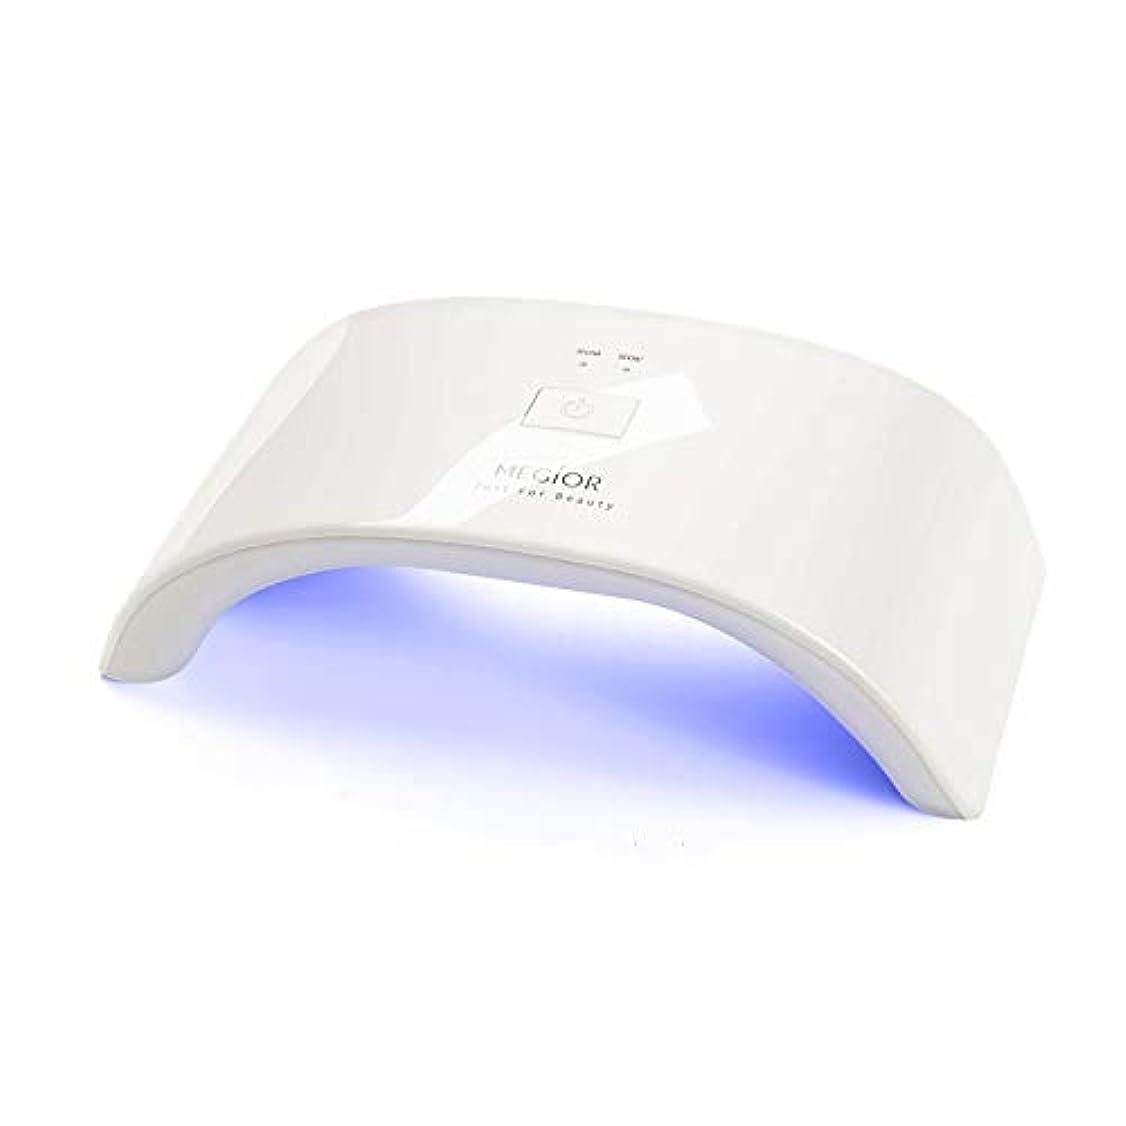 協同郵便物対抗30/60秒タイマーとスマートセンサーを備えたジェルネイルドライヤー用24W LED UVネイルランプ